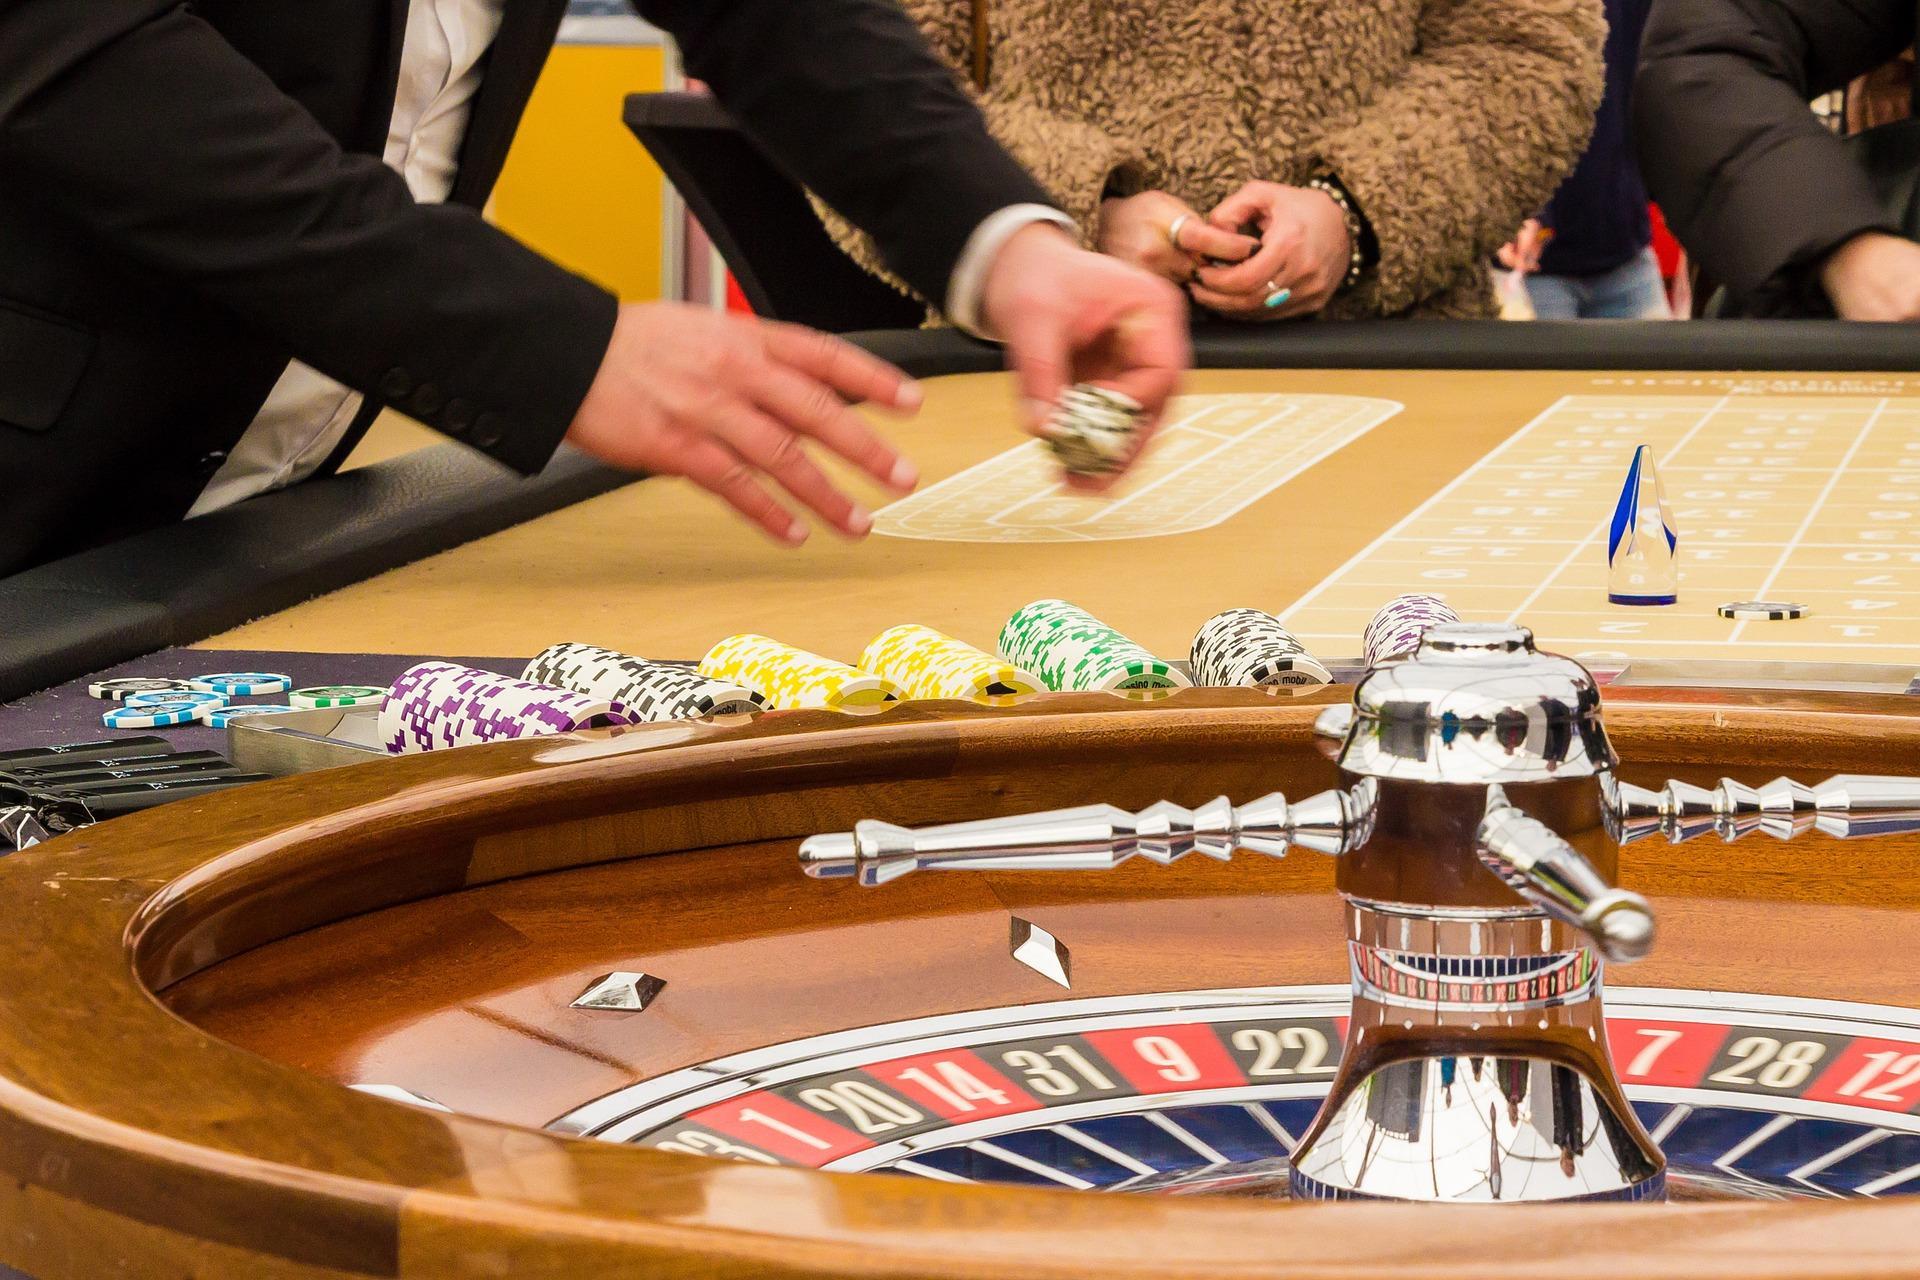 günstig online lotto spielen